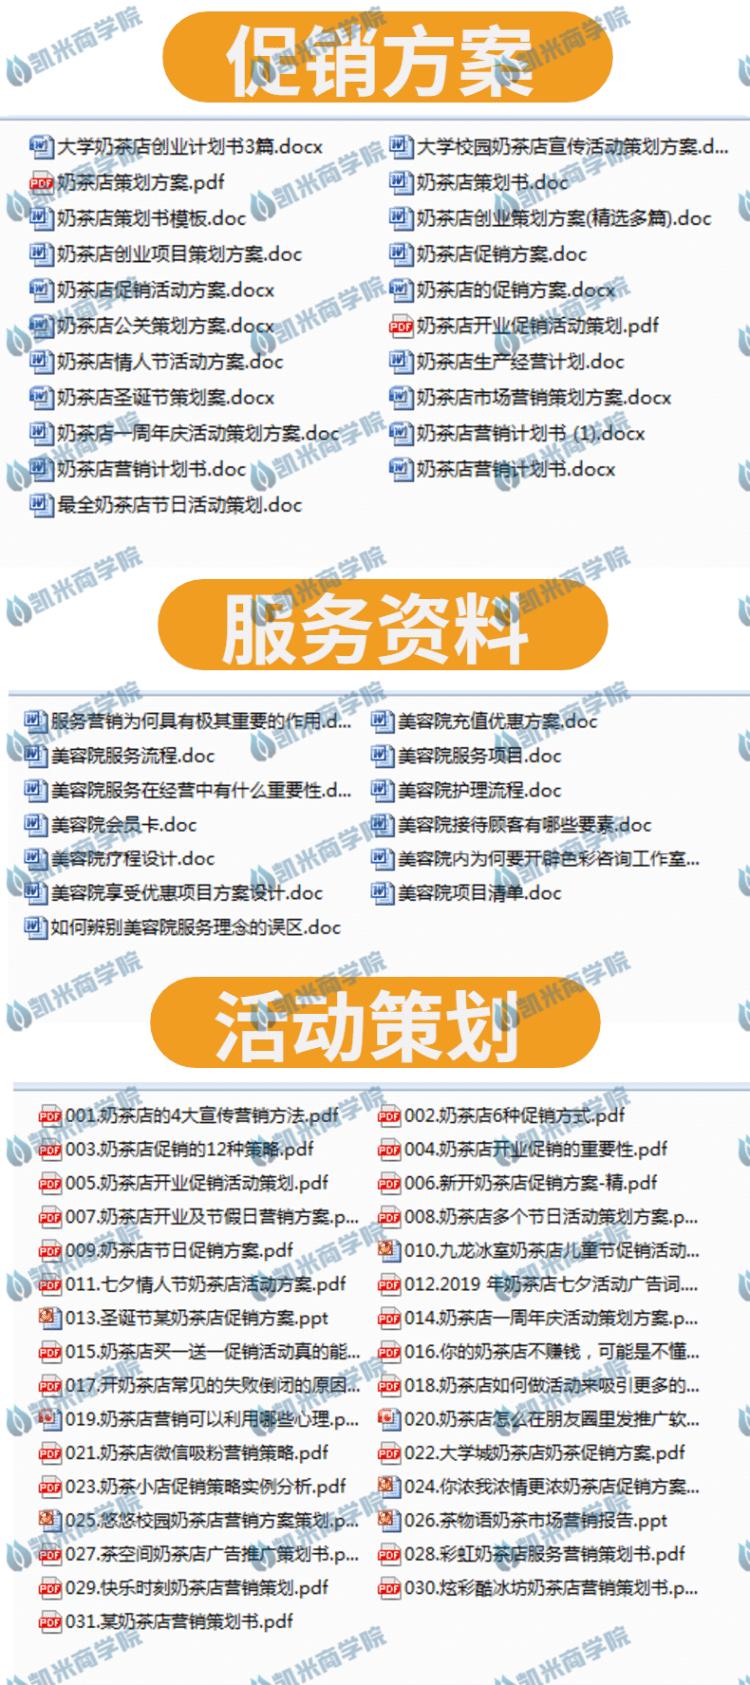 冷饮品奶茶连锁店开业经营网络微营销推广案例方法活动策划方案